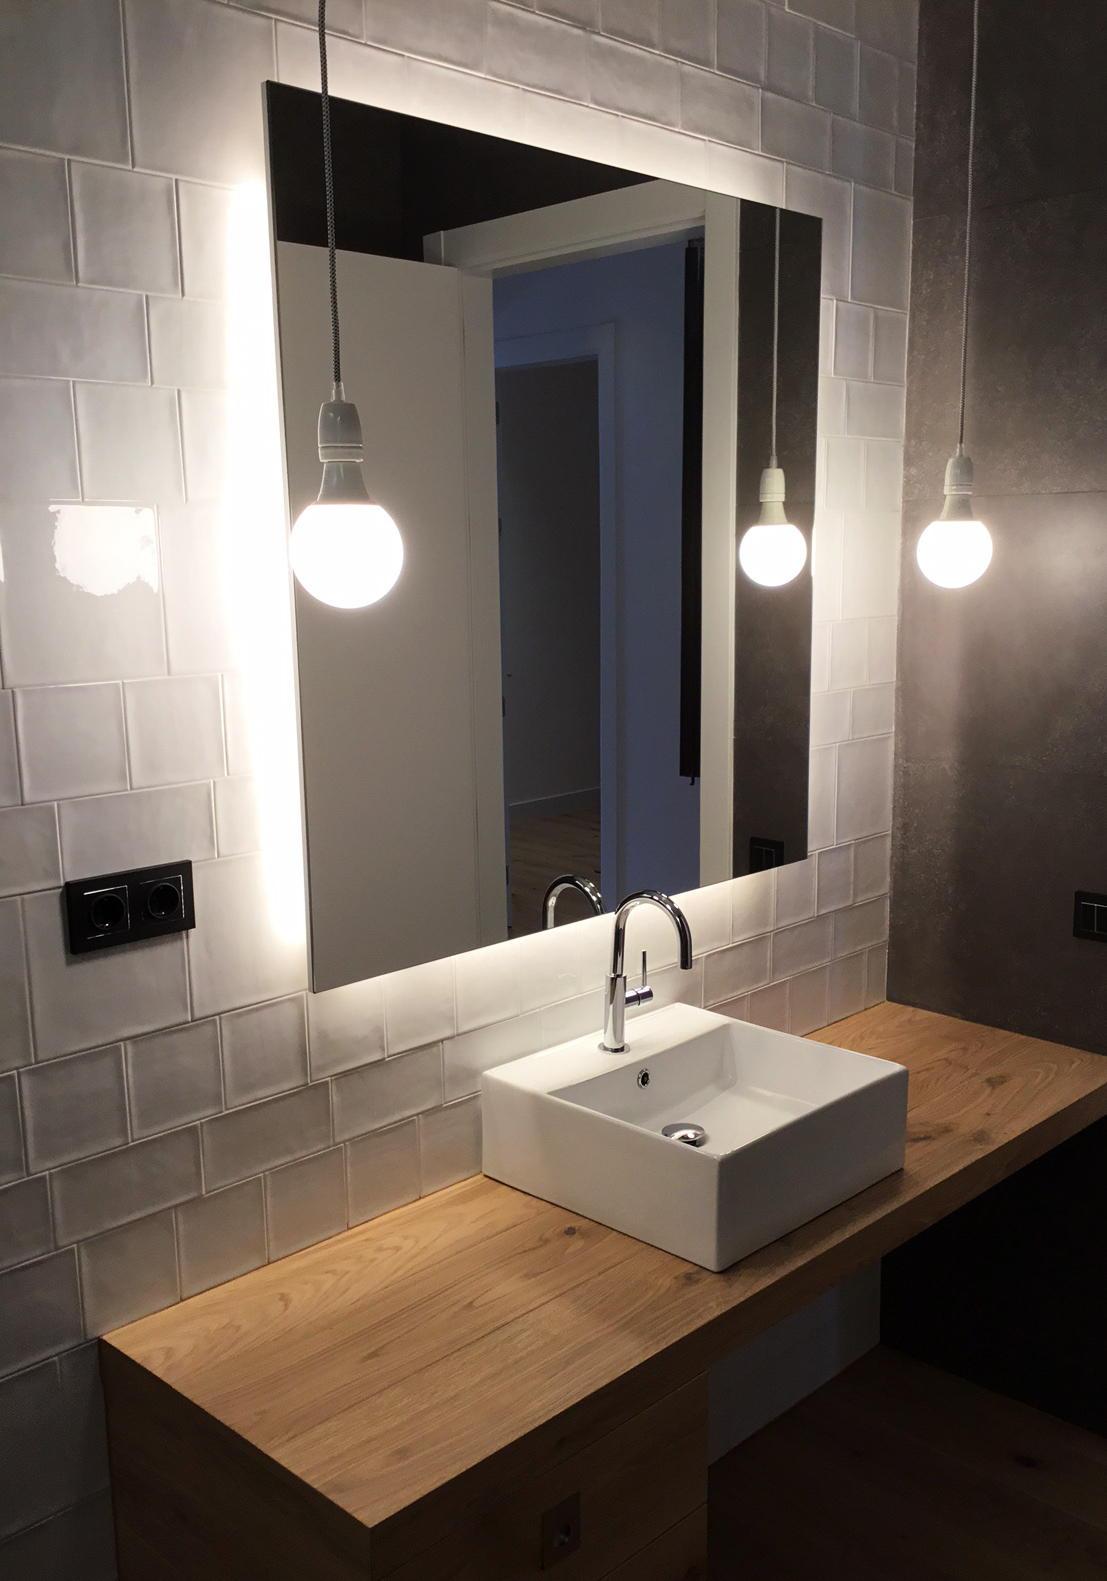 Proyecto de iluminaci n interior en rehabilitaci n de vivienda - Proyectos de iluminacion interior ...